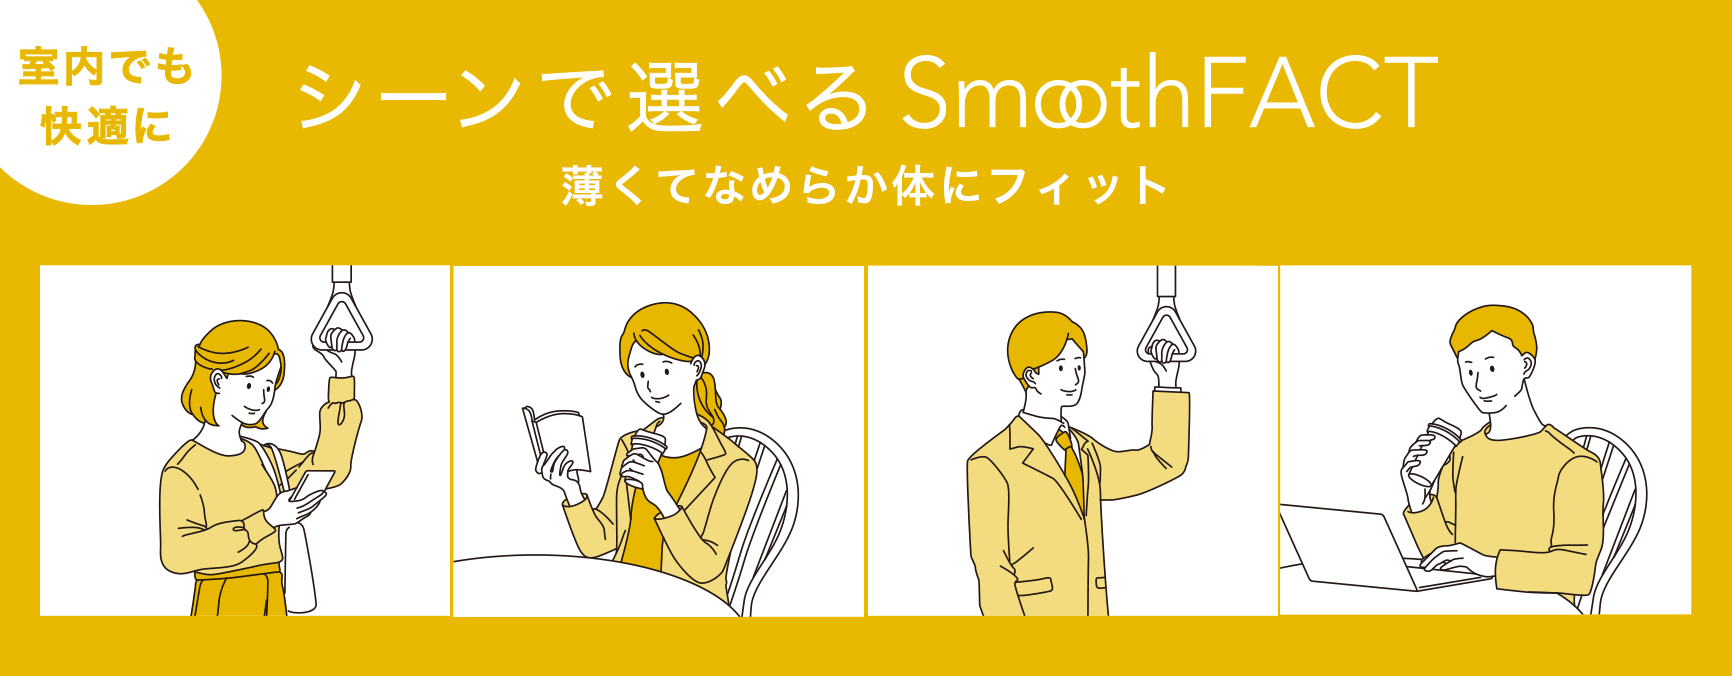 室内でも快適に シーンで選べるSmooth FACT 薄くてなめらか体にフィット ピースフィット